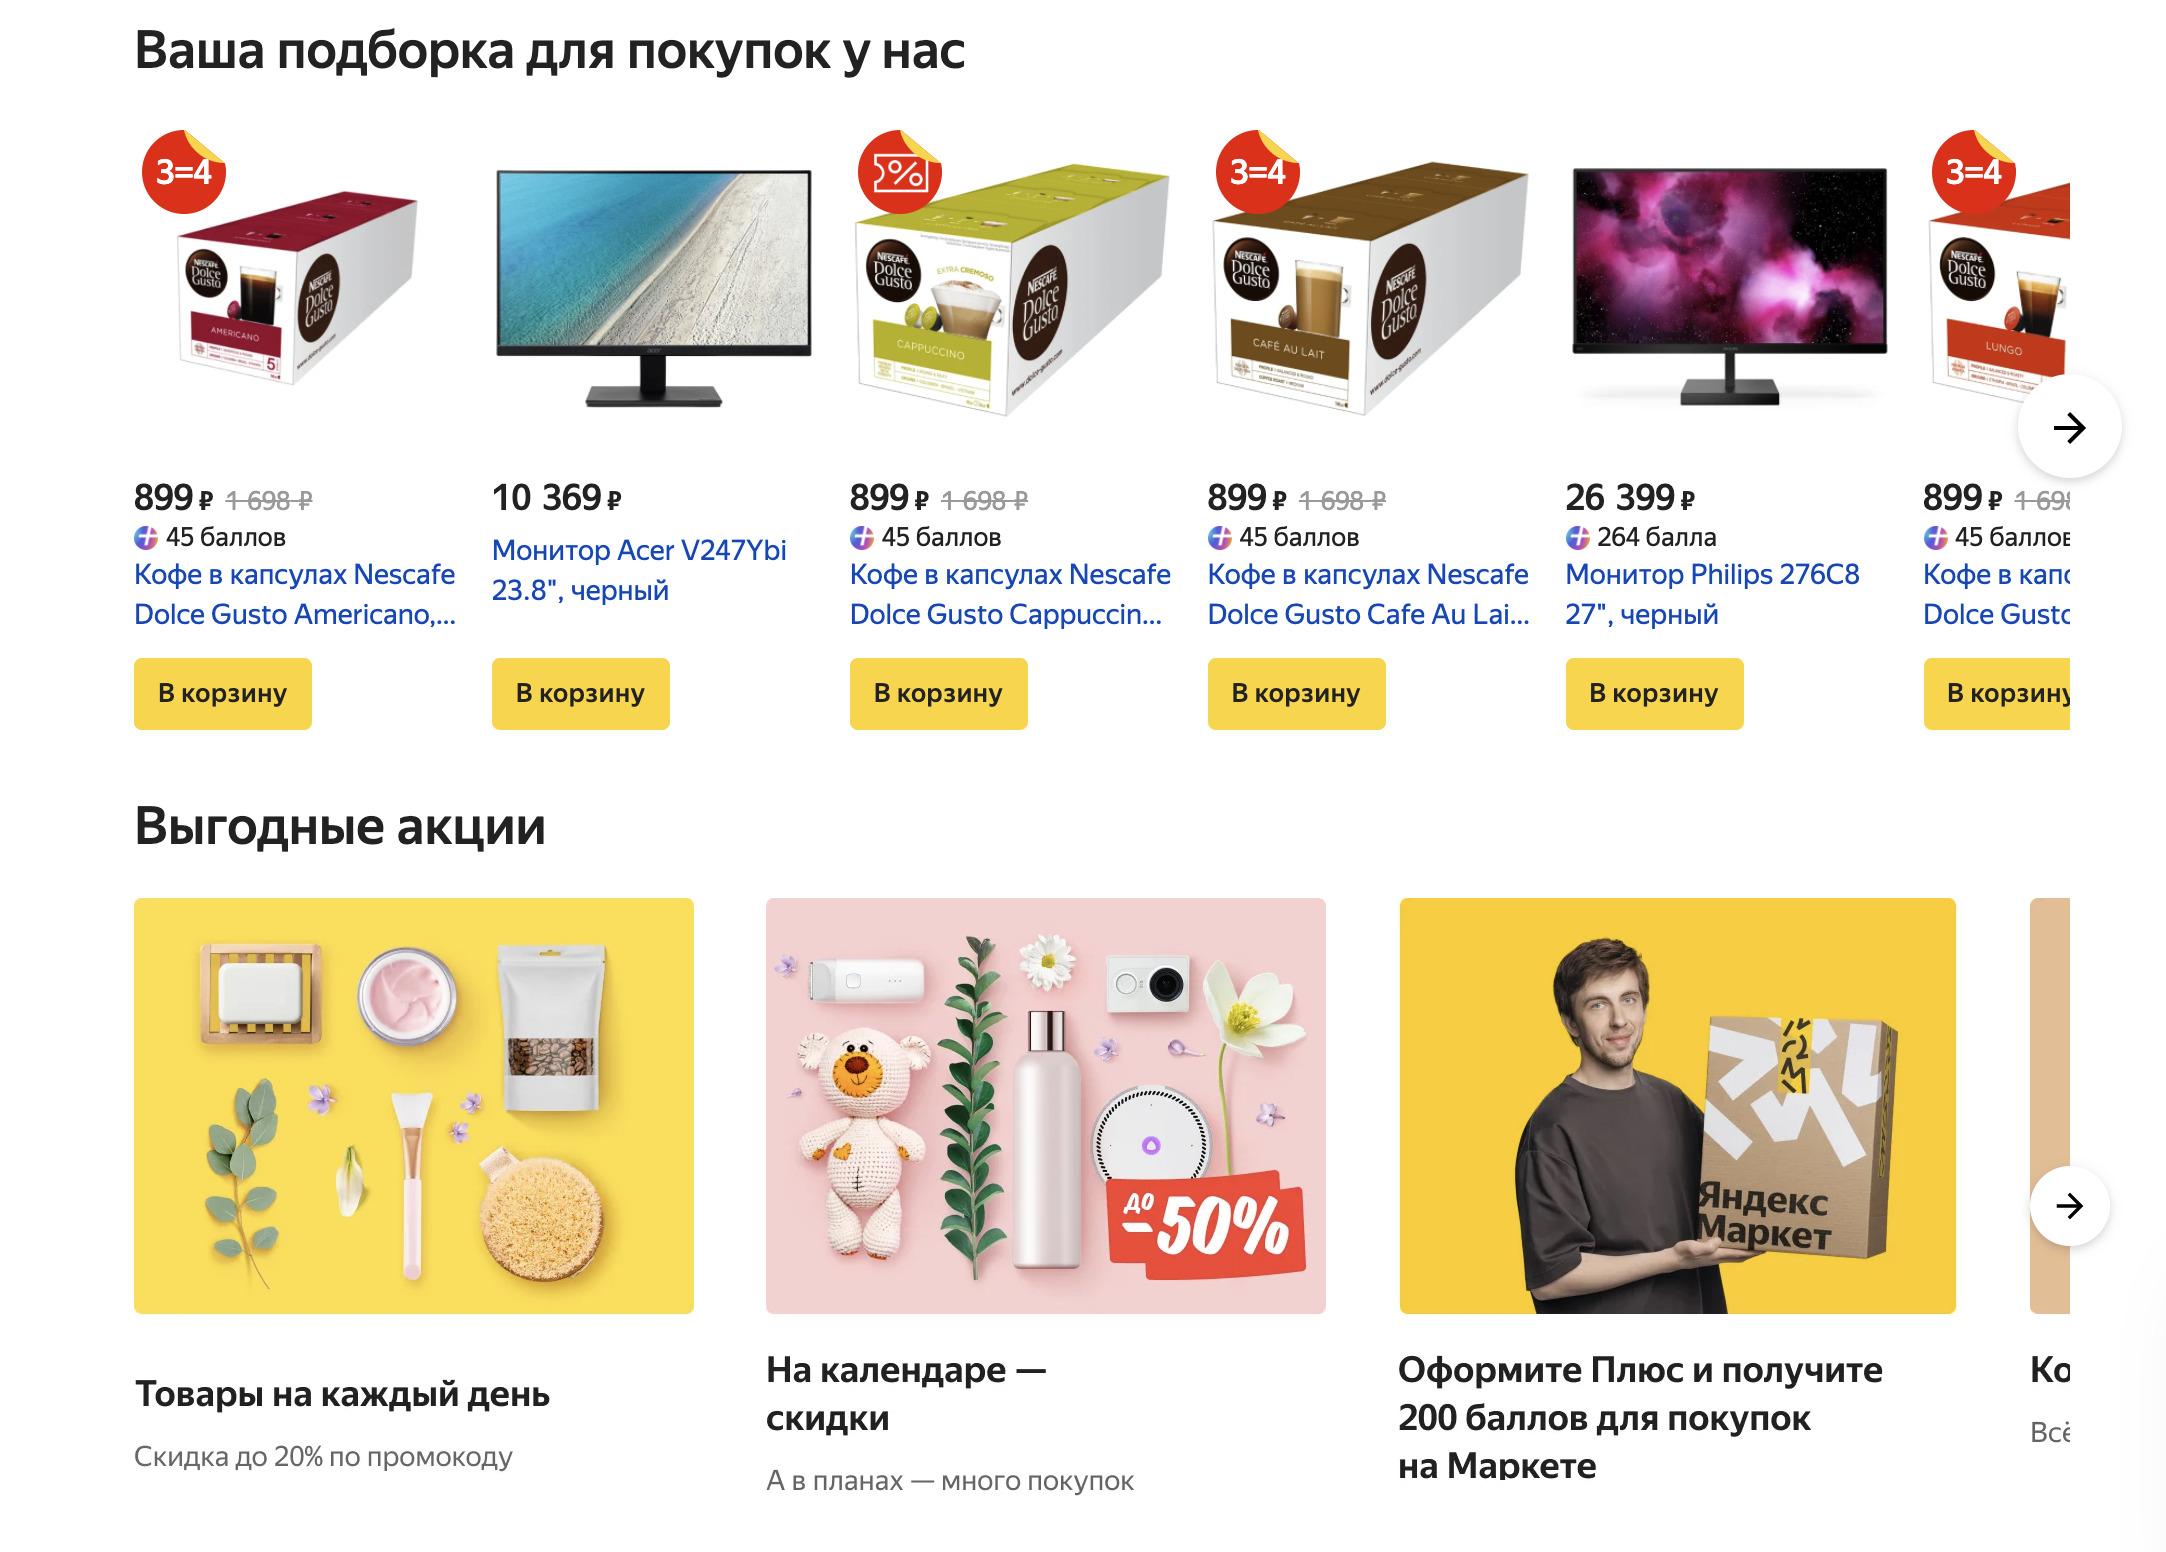 Доставка из Яндекс.Маркет в Республику Марий Эл, сроки, пункты выдачи, каталог